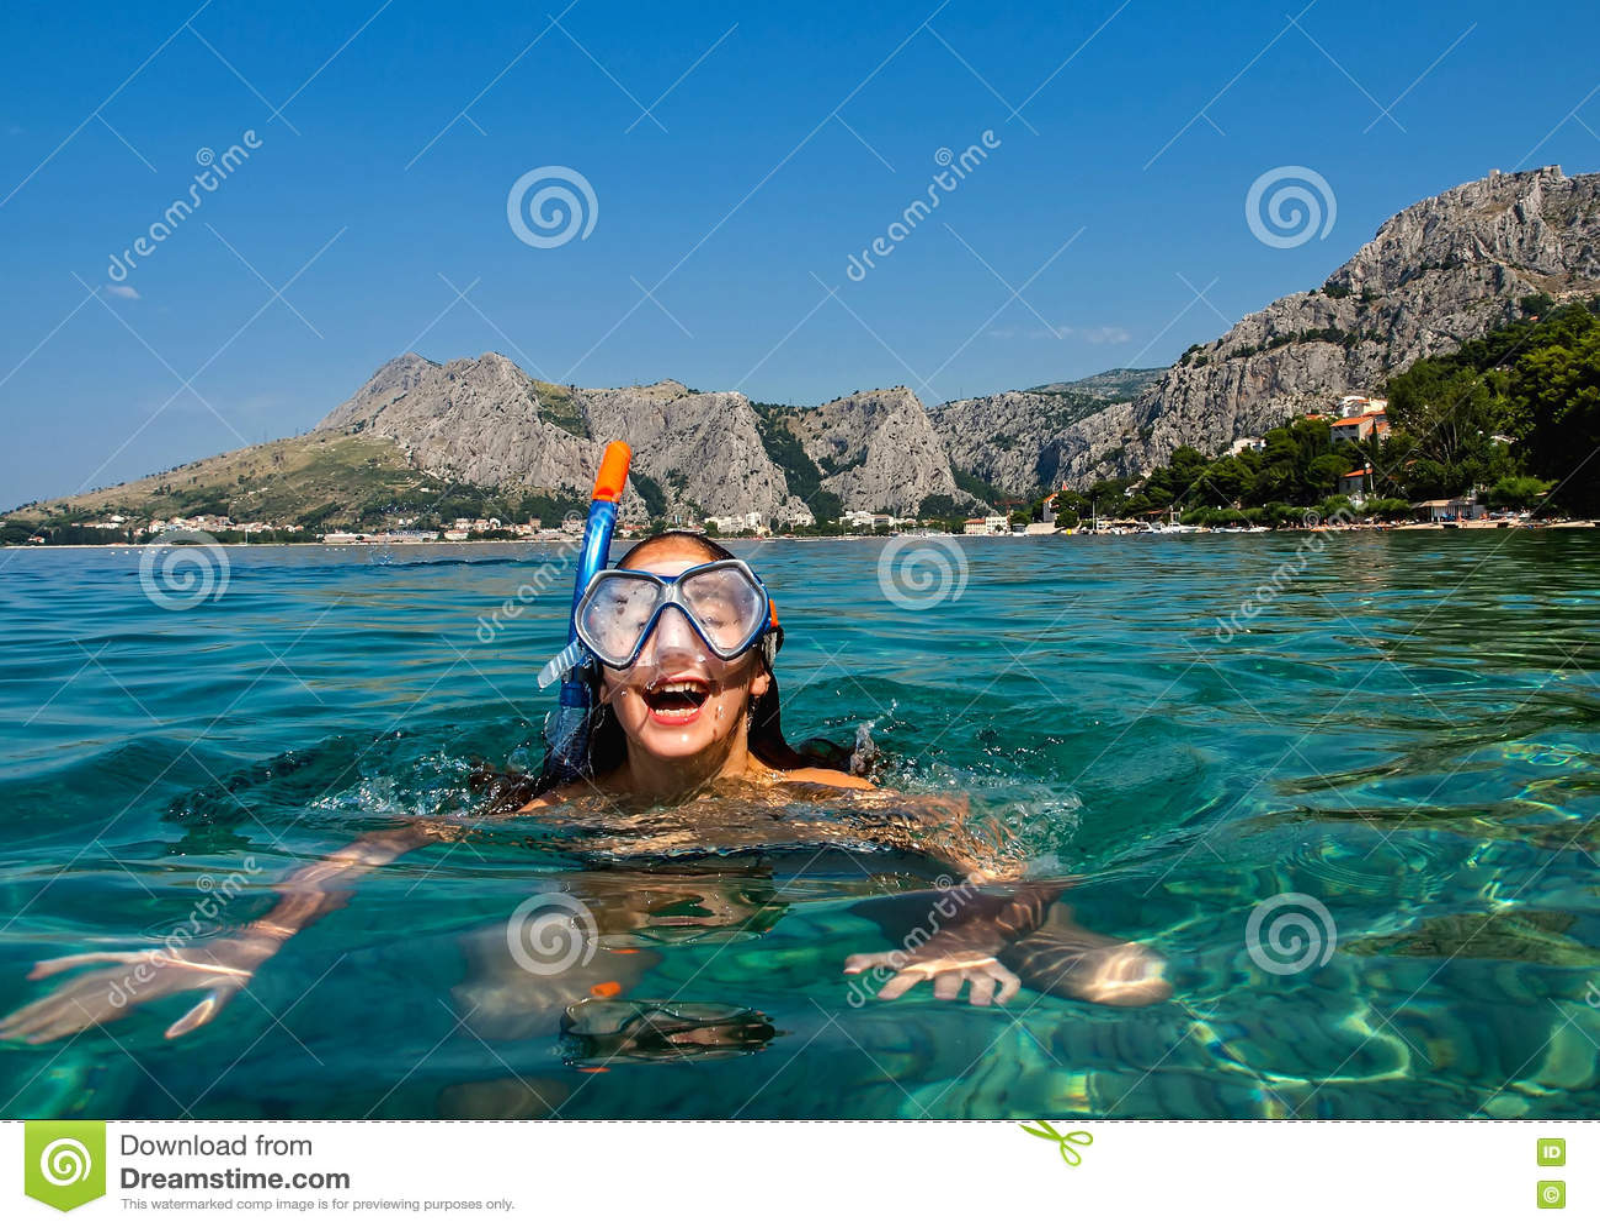 Schnorchel in adriatischem Meer